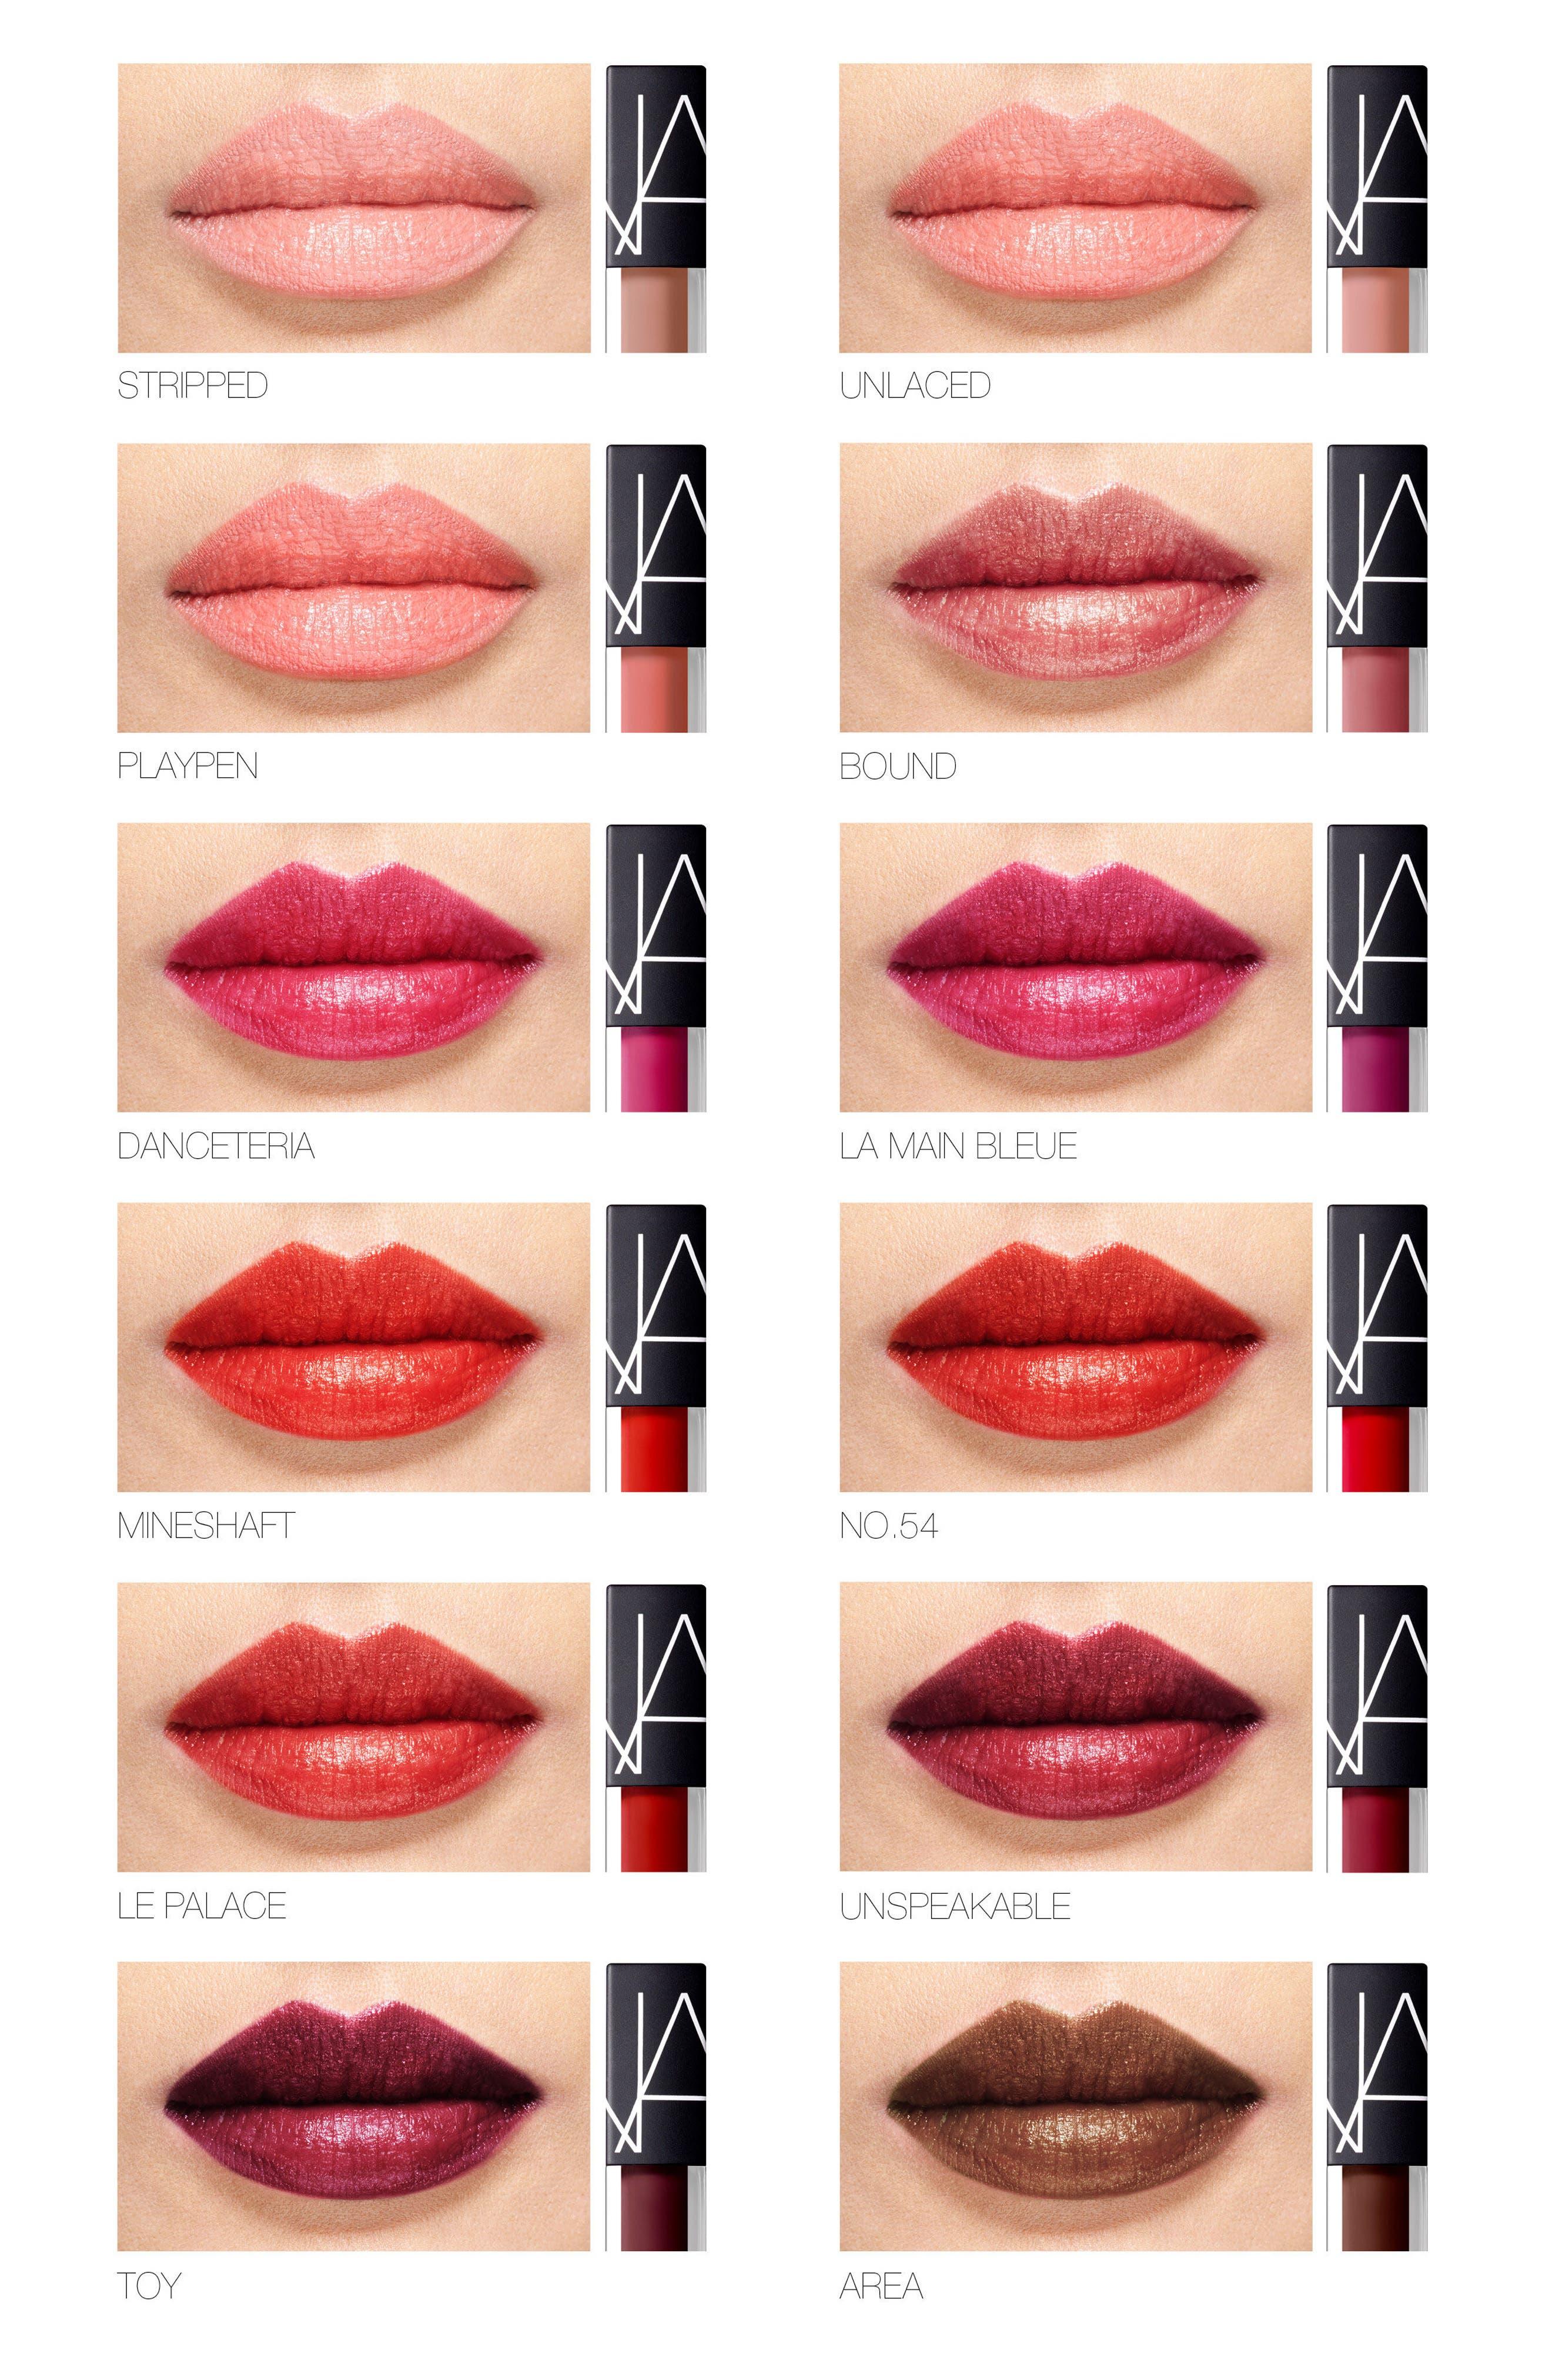 Velvet Lip Glide,                             Alternate thumbnail 6, color,                             AREA